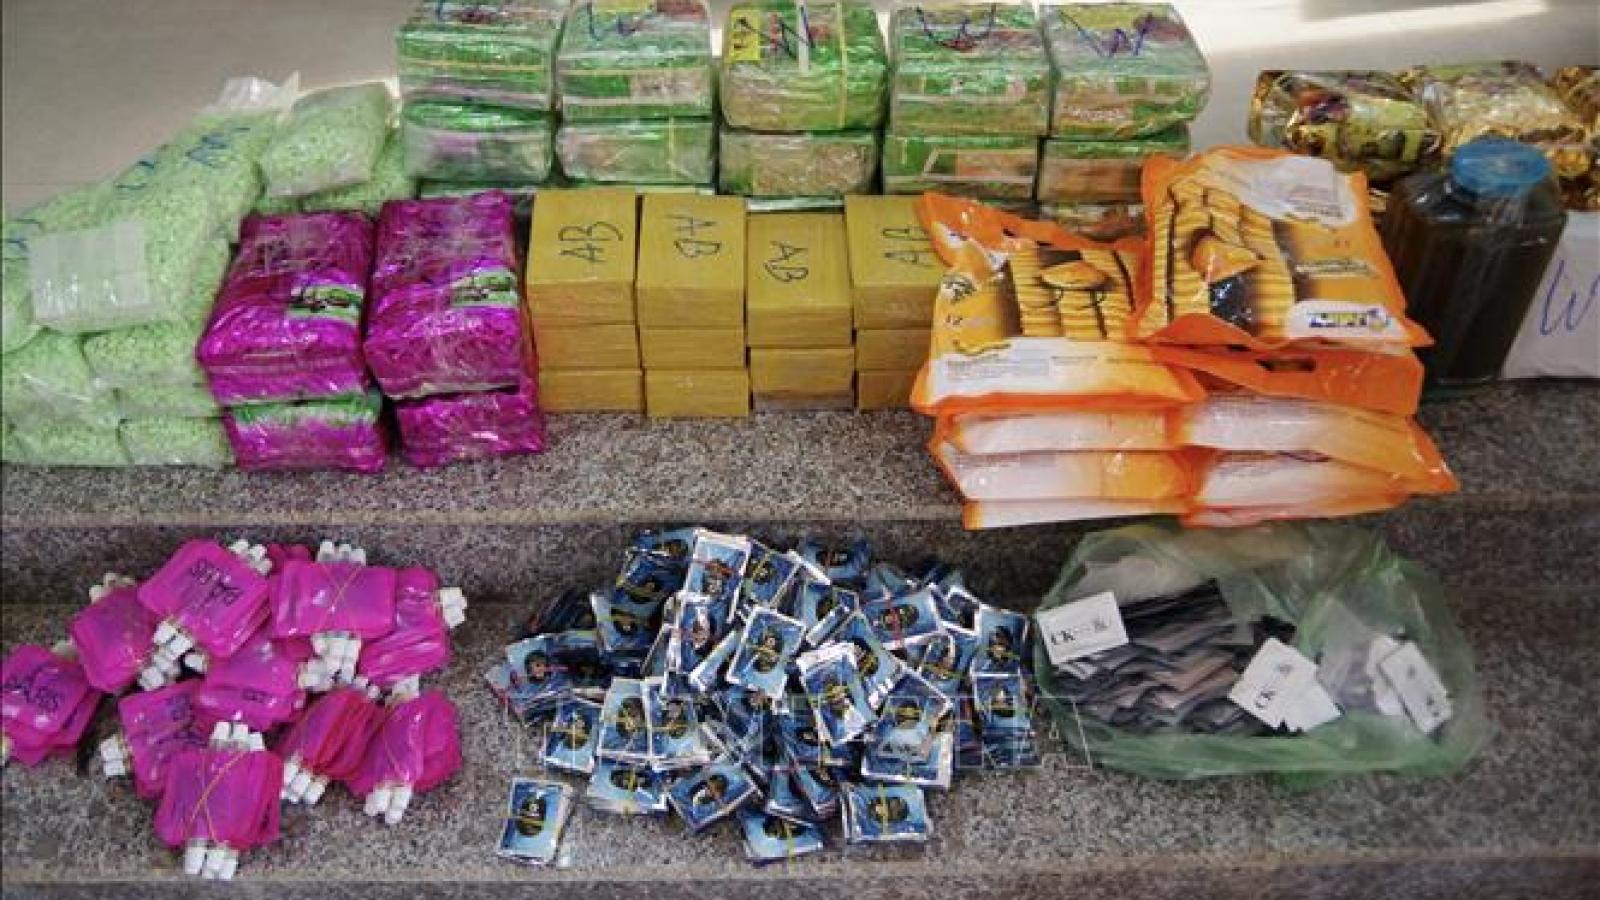 Nóng 24h: Bắt 3 đối tượng vận chuyển gần 90kg ma túy vào Việt Nam